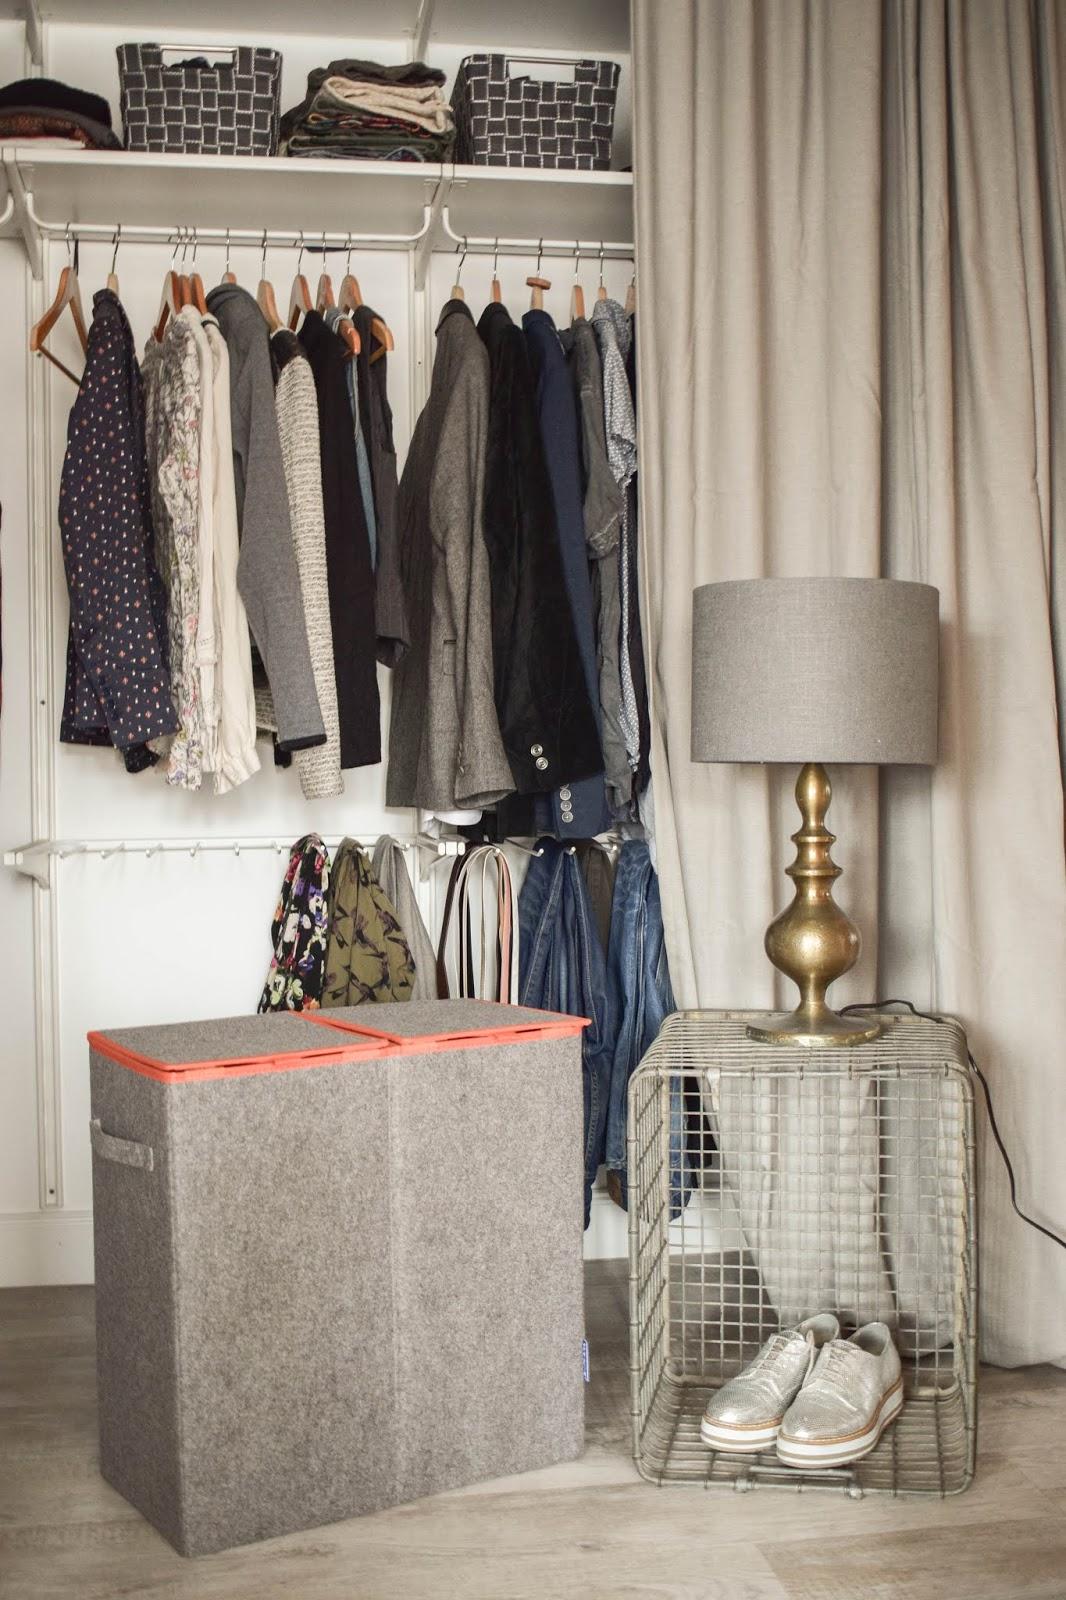 Aufbewahrung mit Wenko Wäsche praktisch verstaut Kleiderschrank Wäschesammler